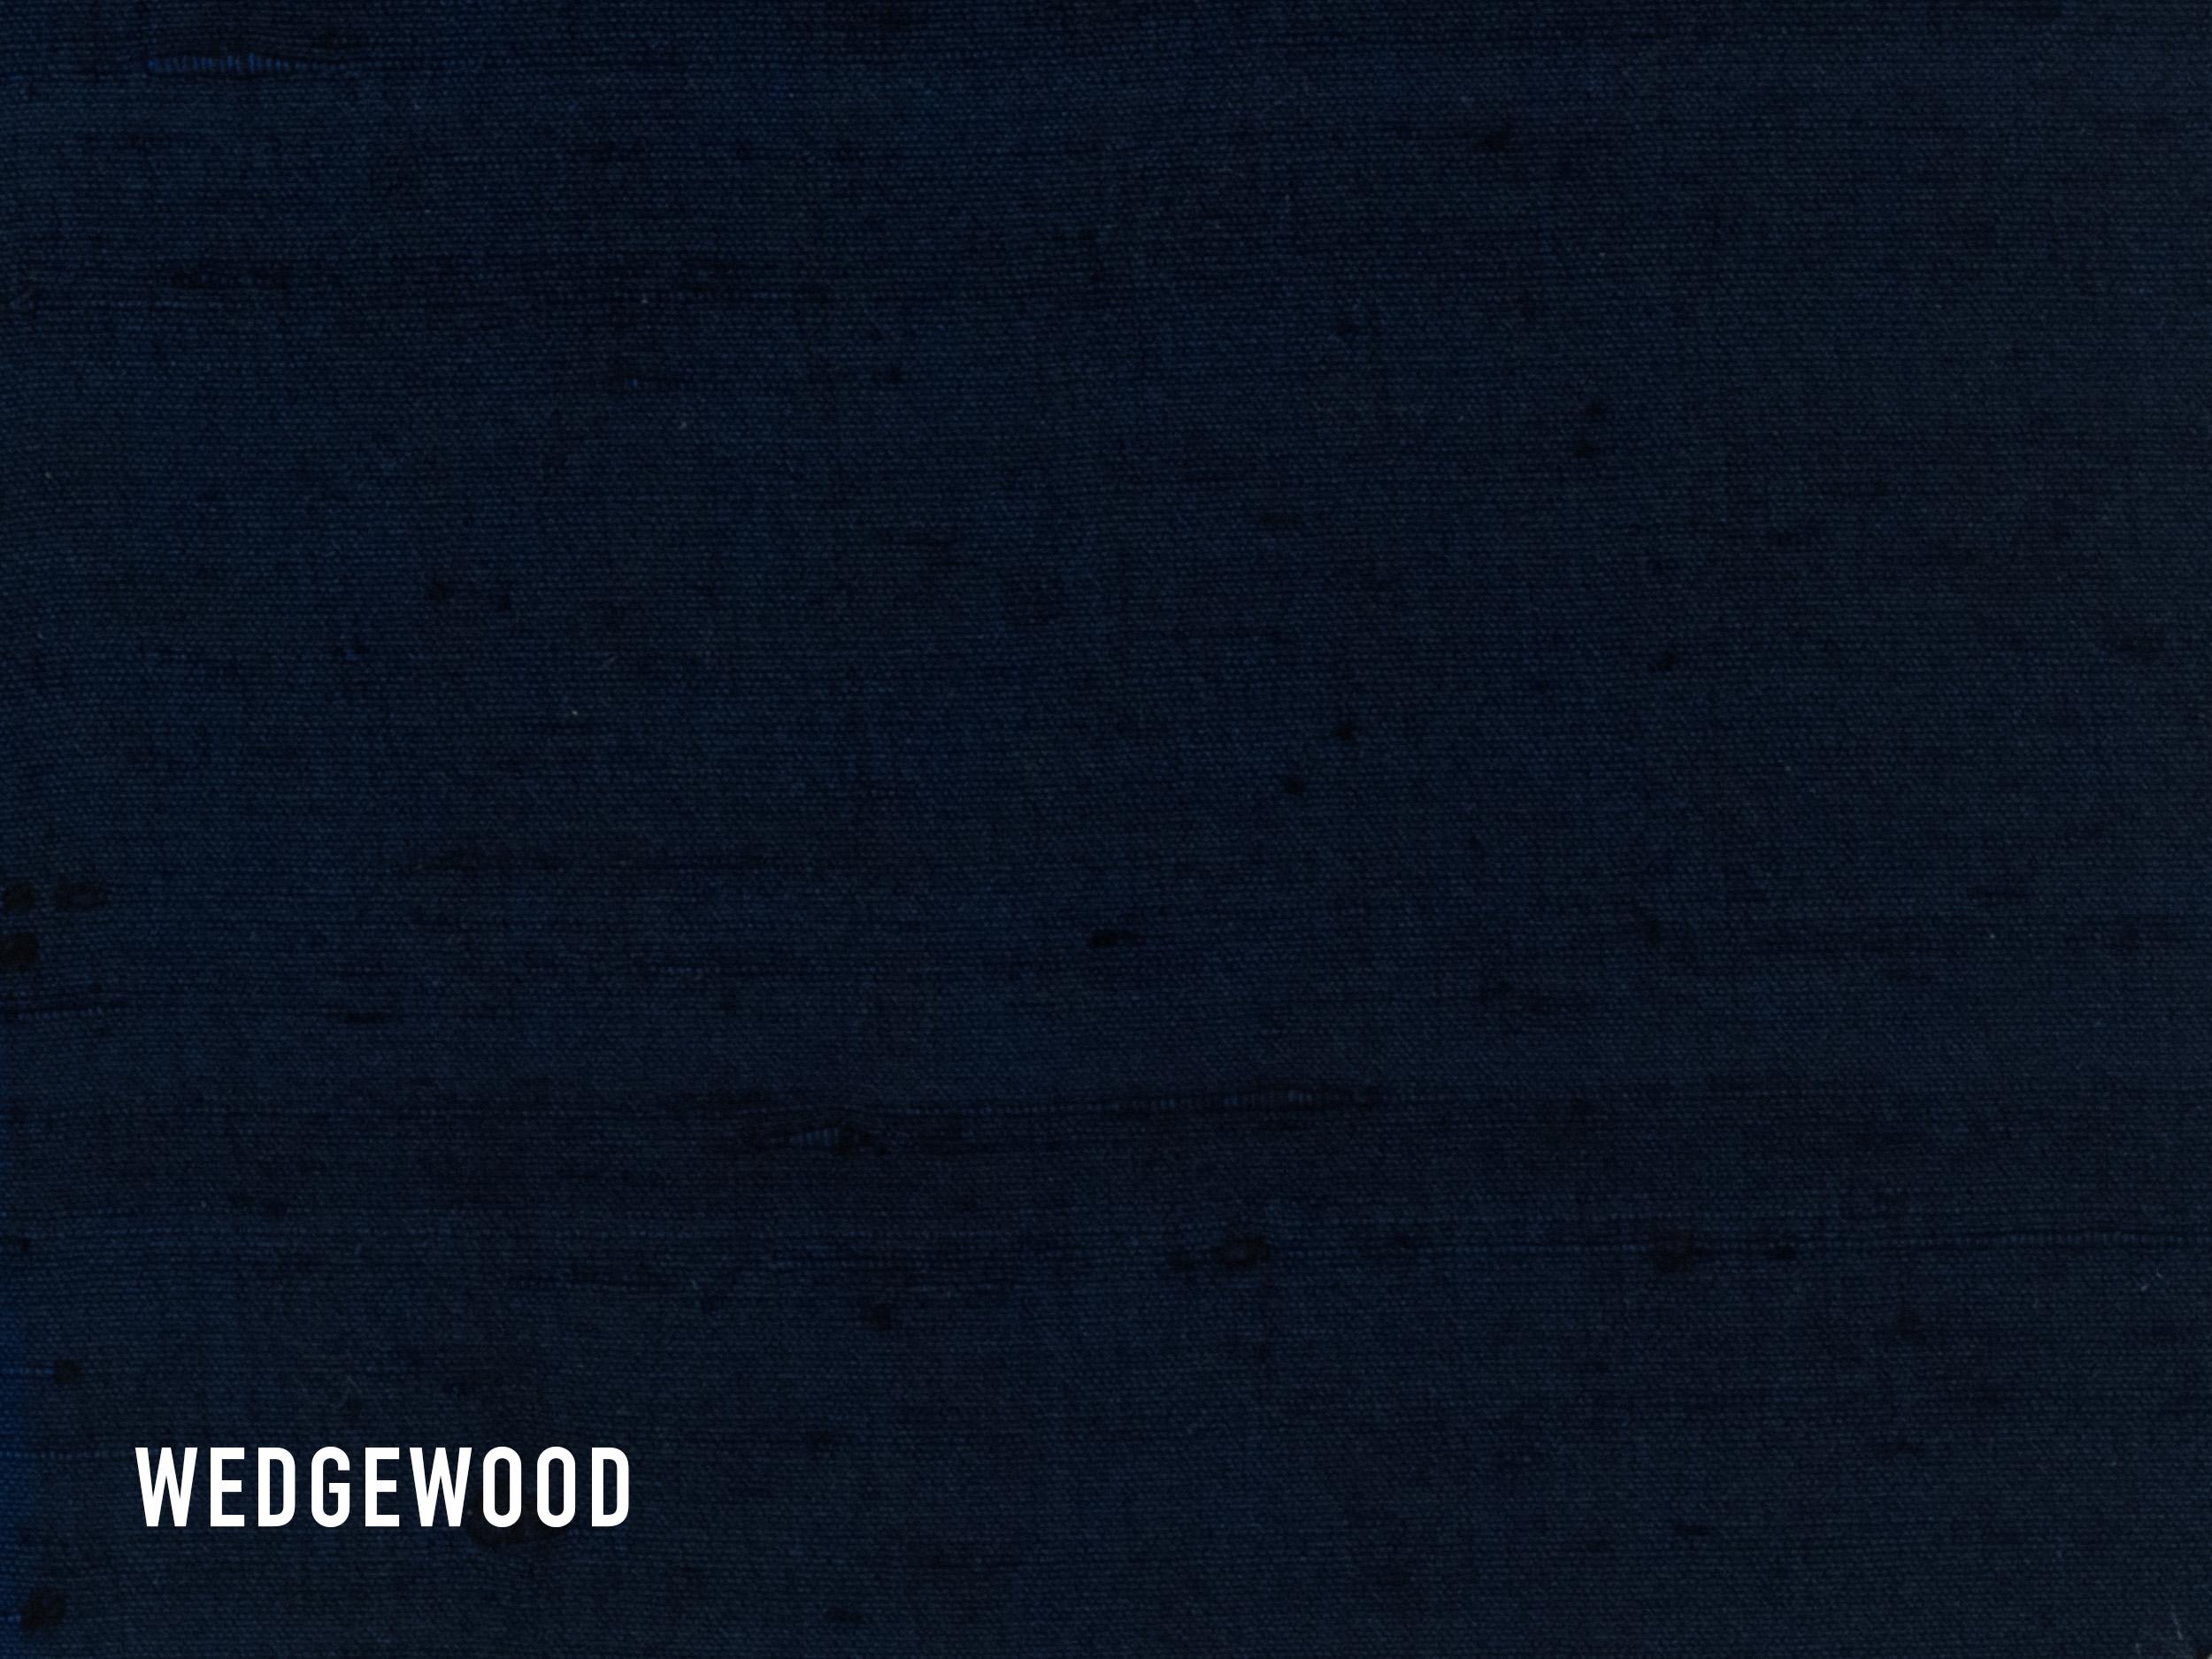 wedgewood.jpg